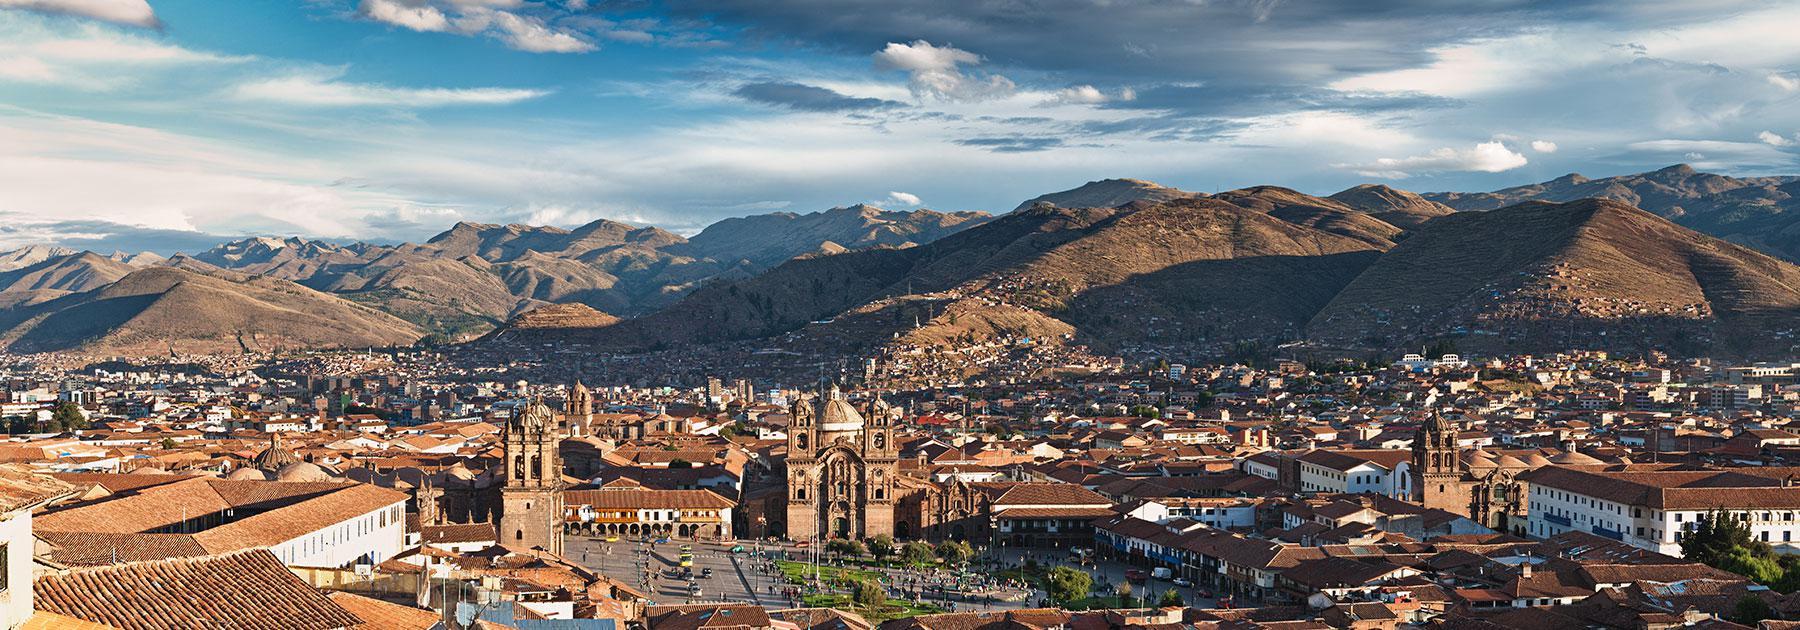 Lima Cusco Machu Picchu Peru Group Sample Itinerary And Trip Idea